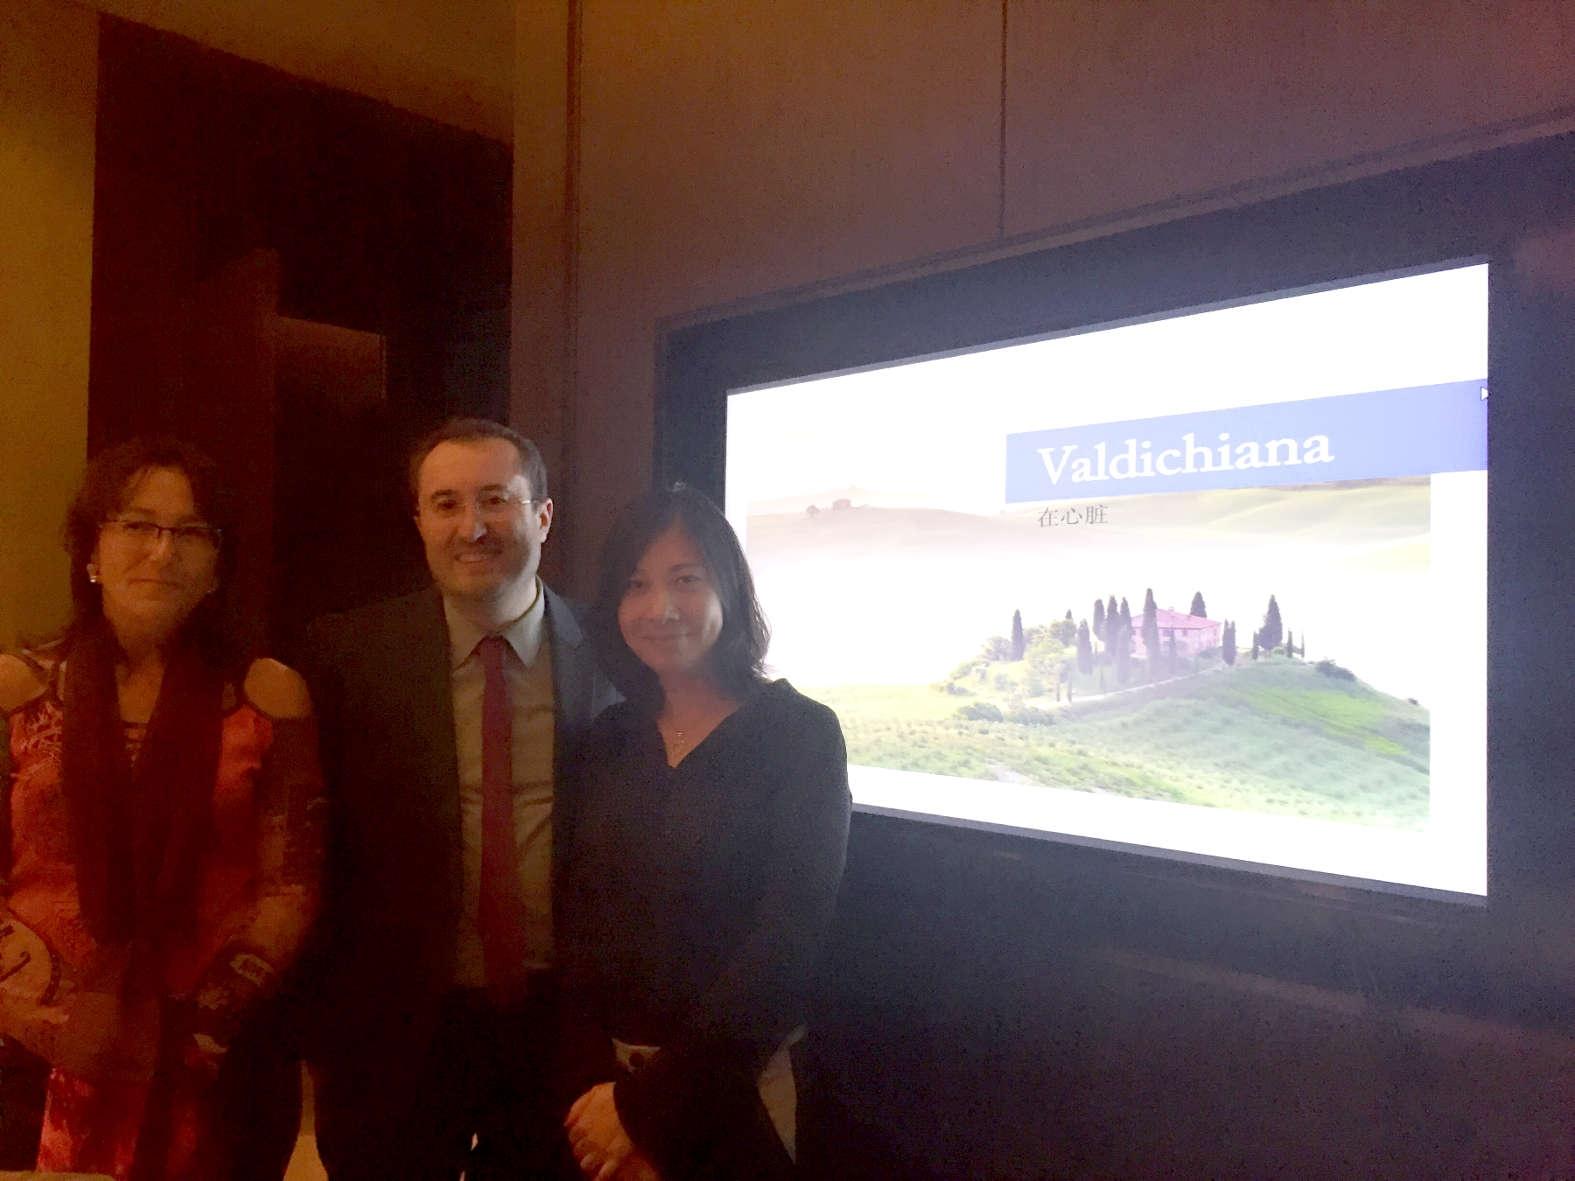 La Valdichiana senese in Cina: partita la 'missione'